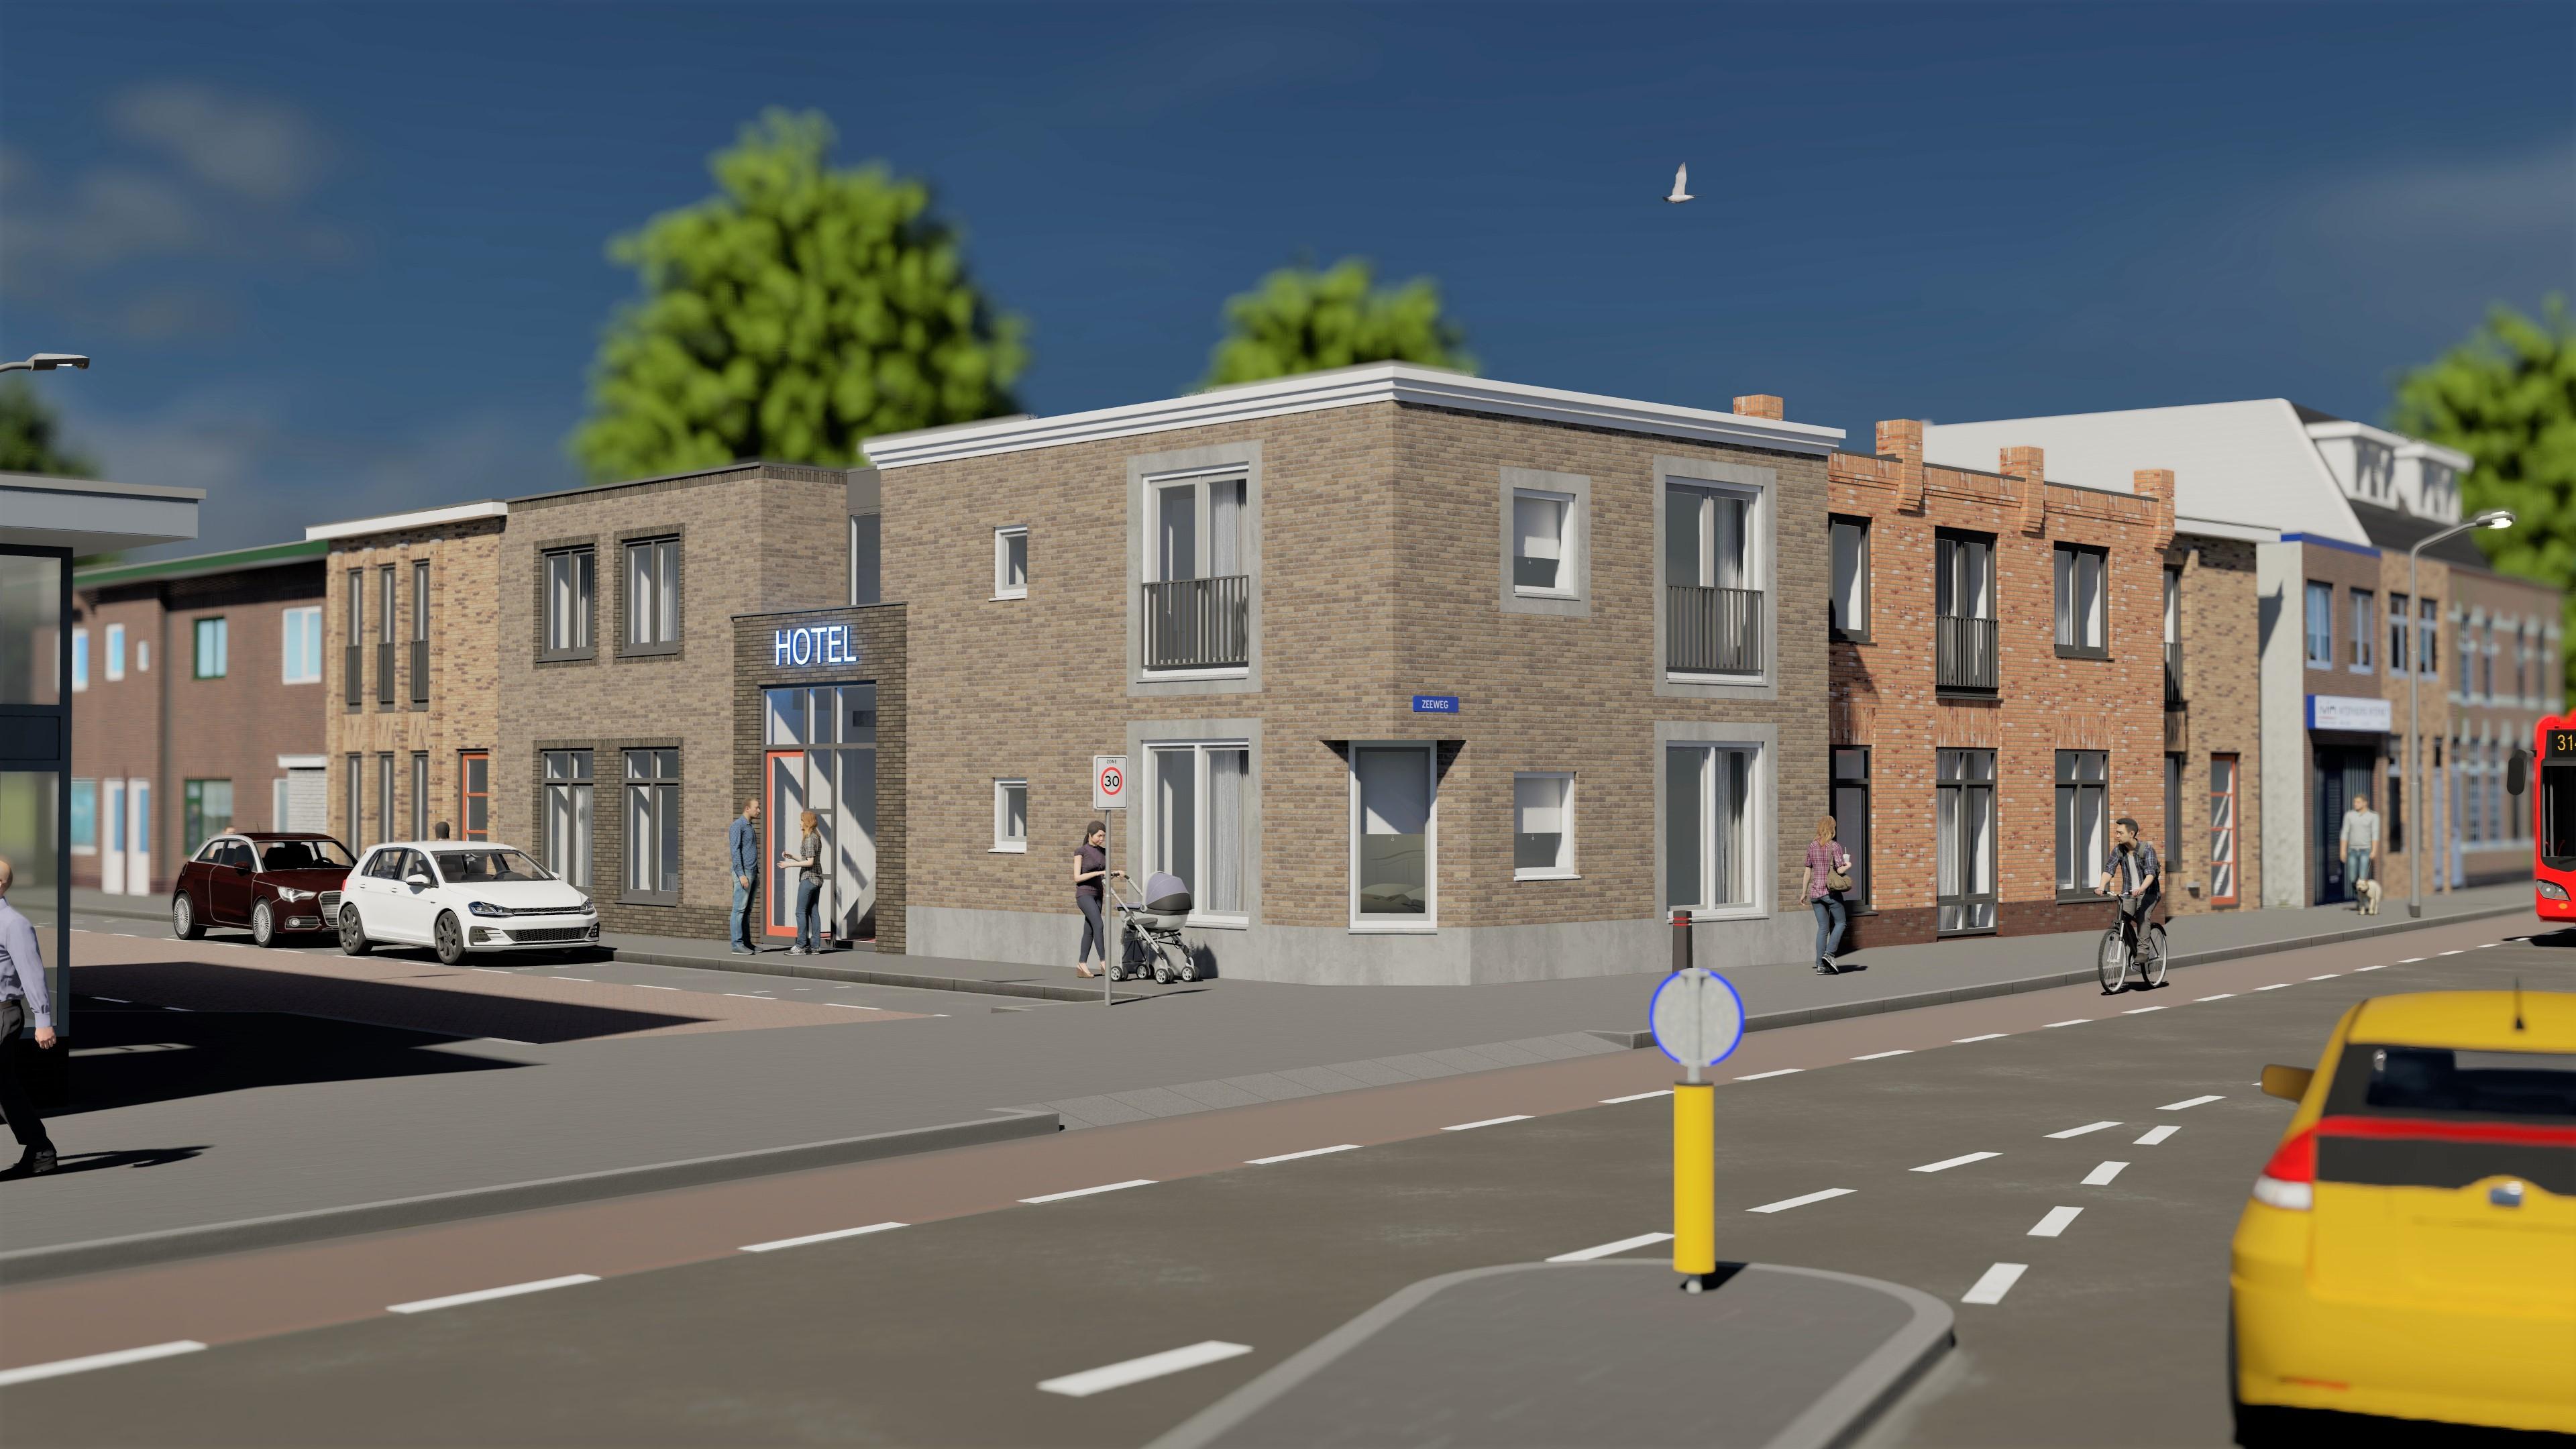 2019.12.09 Willemsbeekweg-Zeeweg_7 - Foto licht